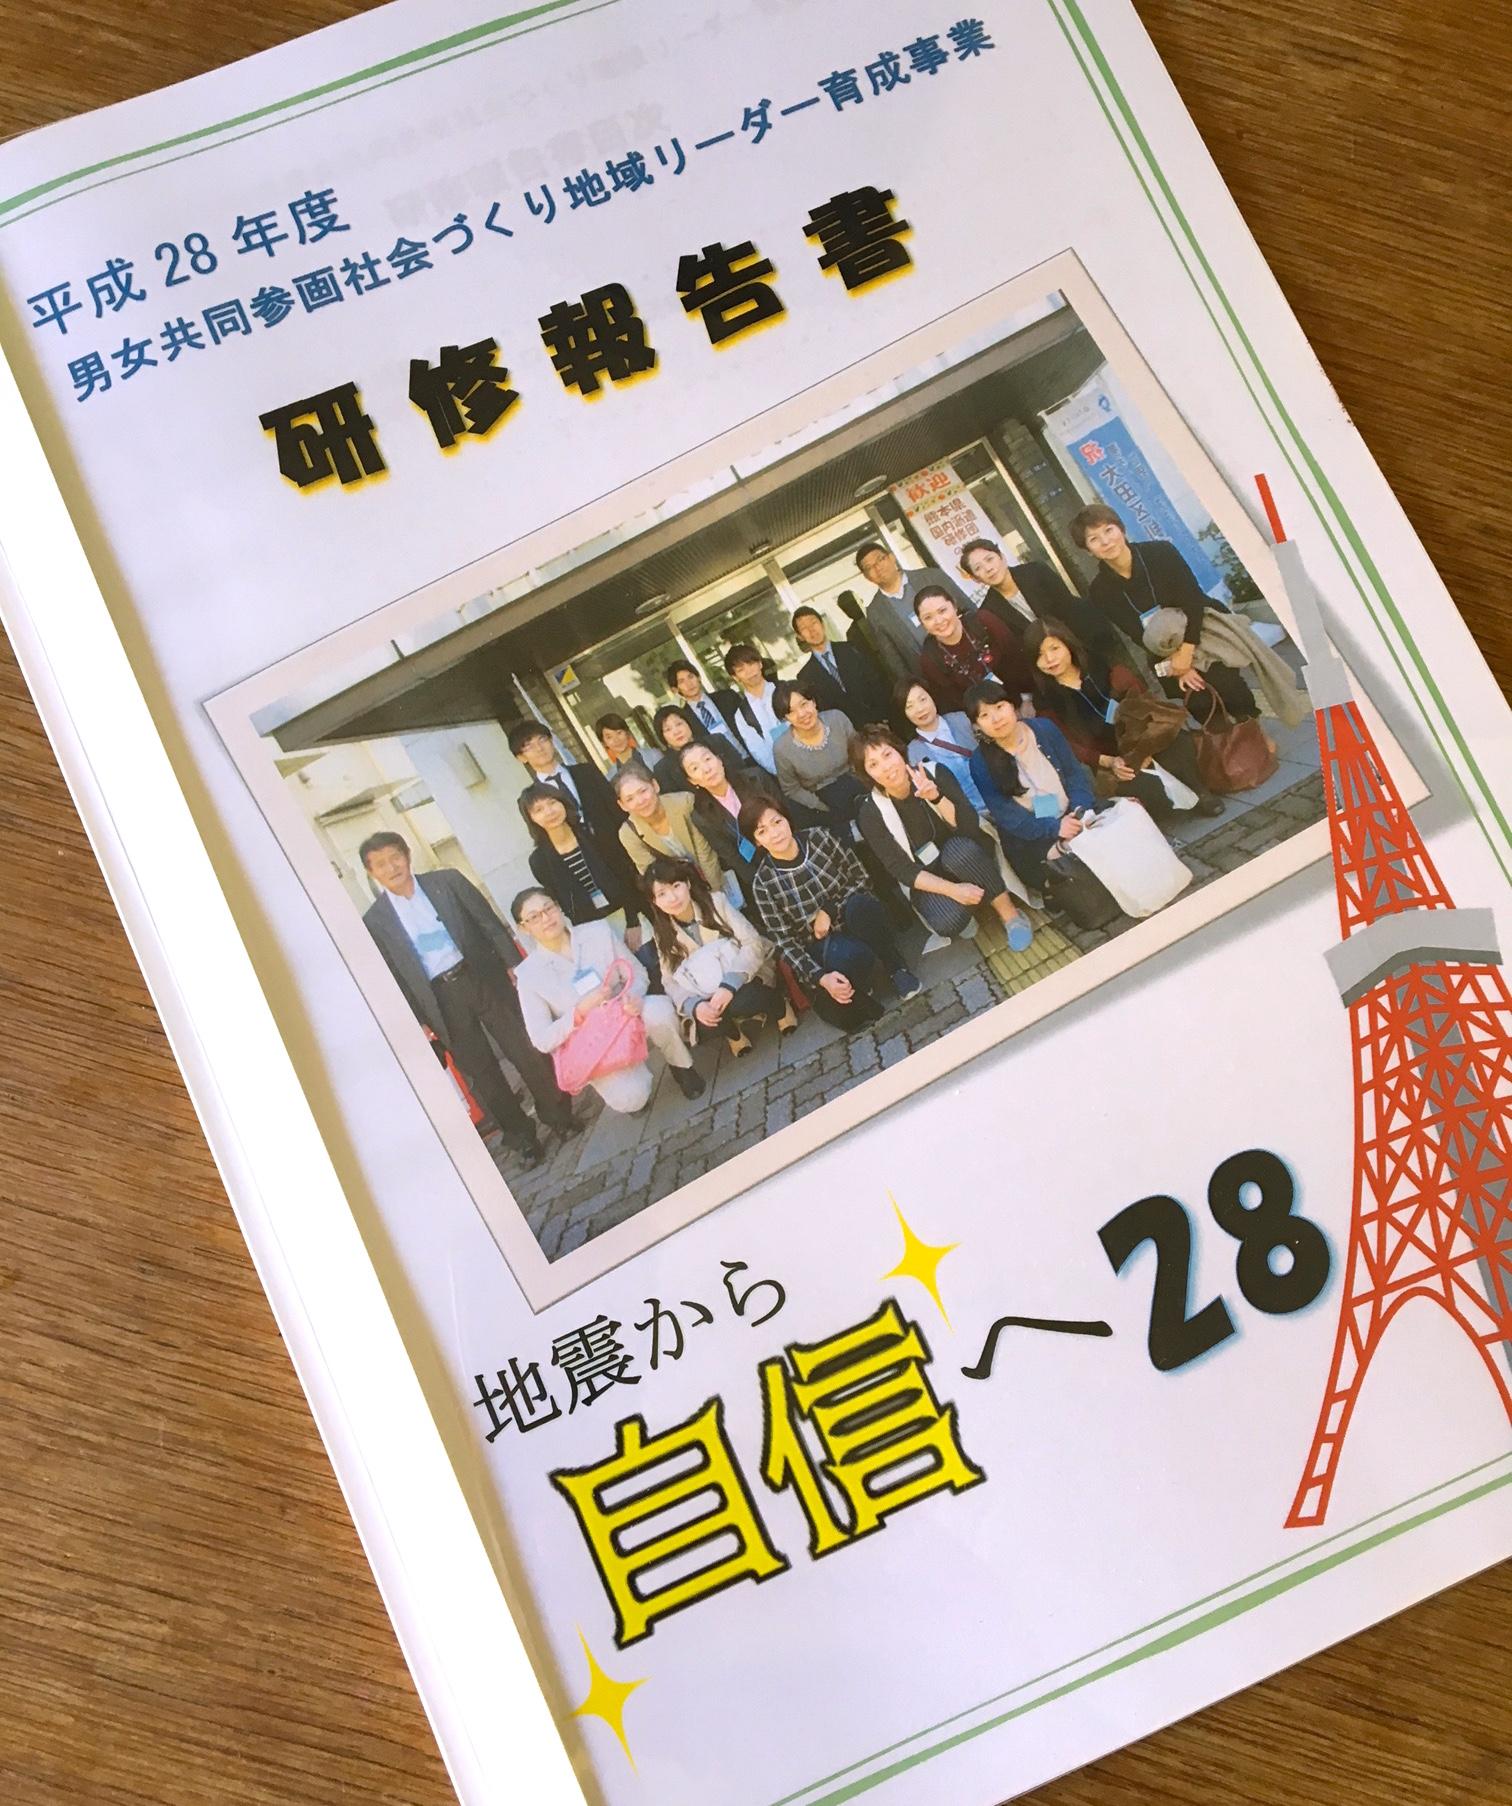 地震から自信へ。熊本県男女共同参画づくり研修報告書が届きました